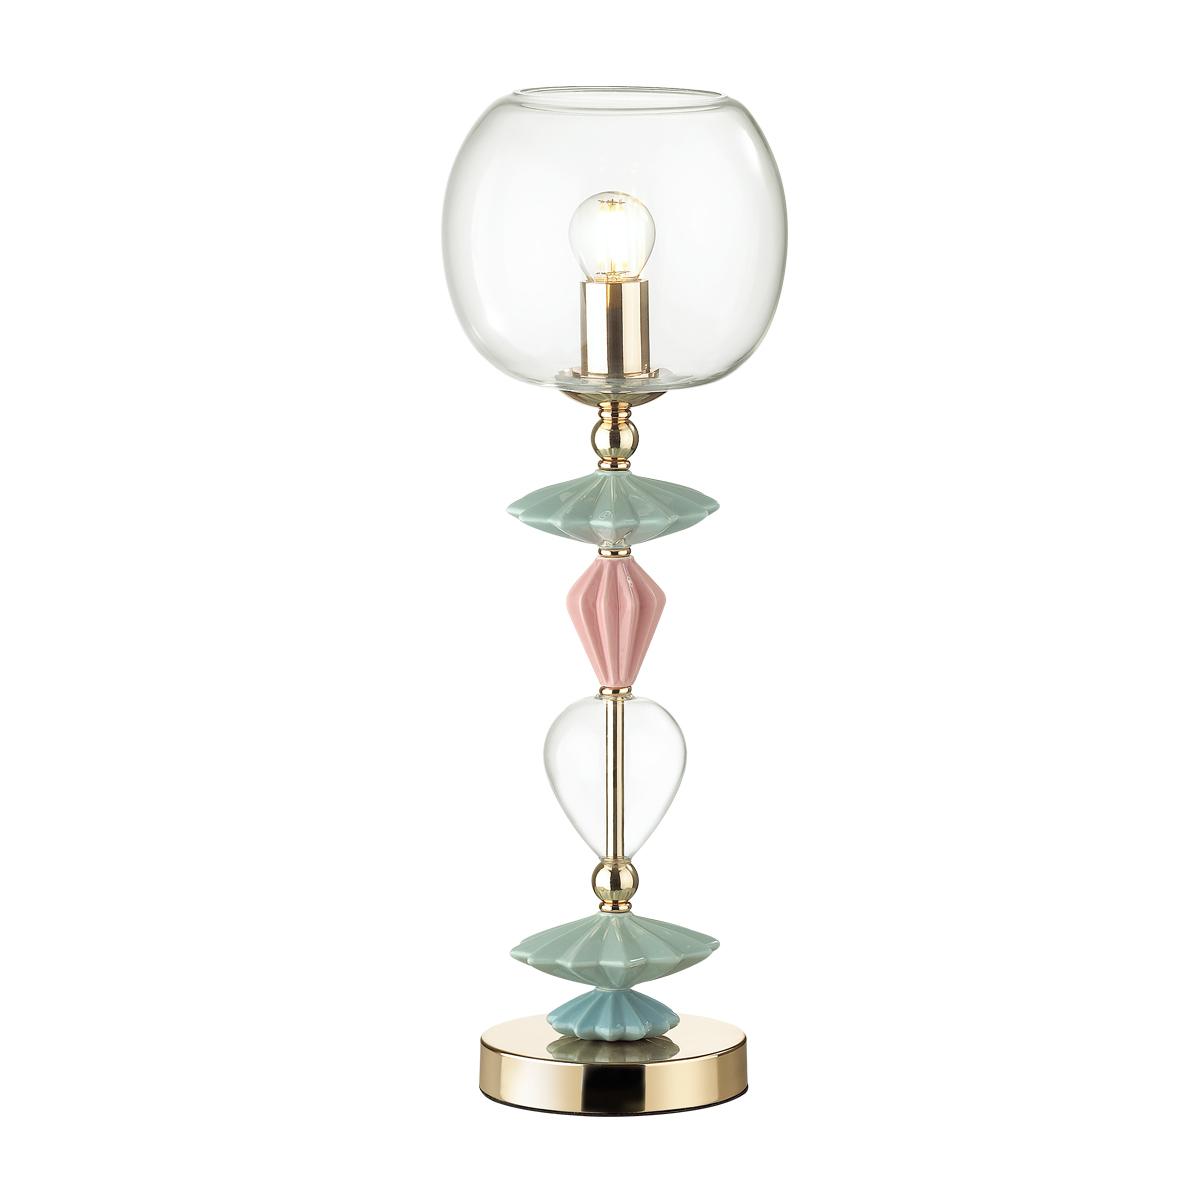 Настольная лампа Odeon Light Classic Bizet 4855/1T, 1xE14x40W, разноцветный, прозрачный, керамика, стекло - фото 1